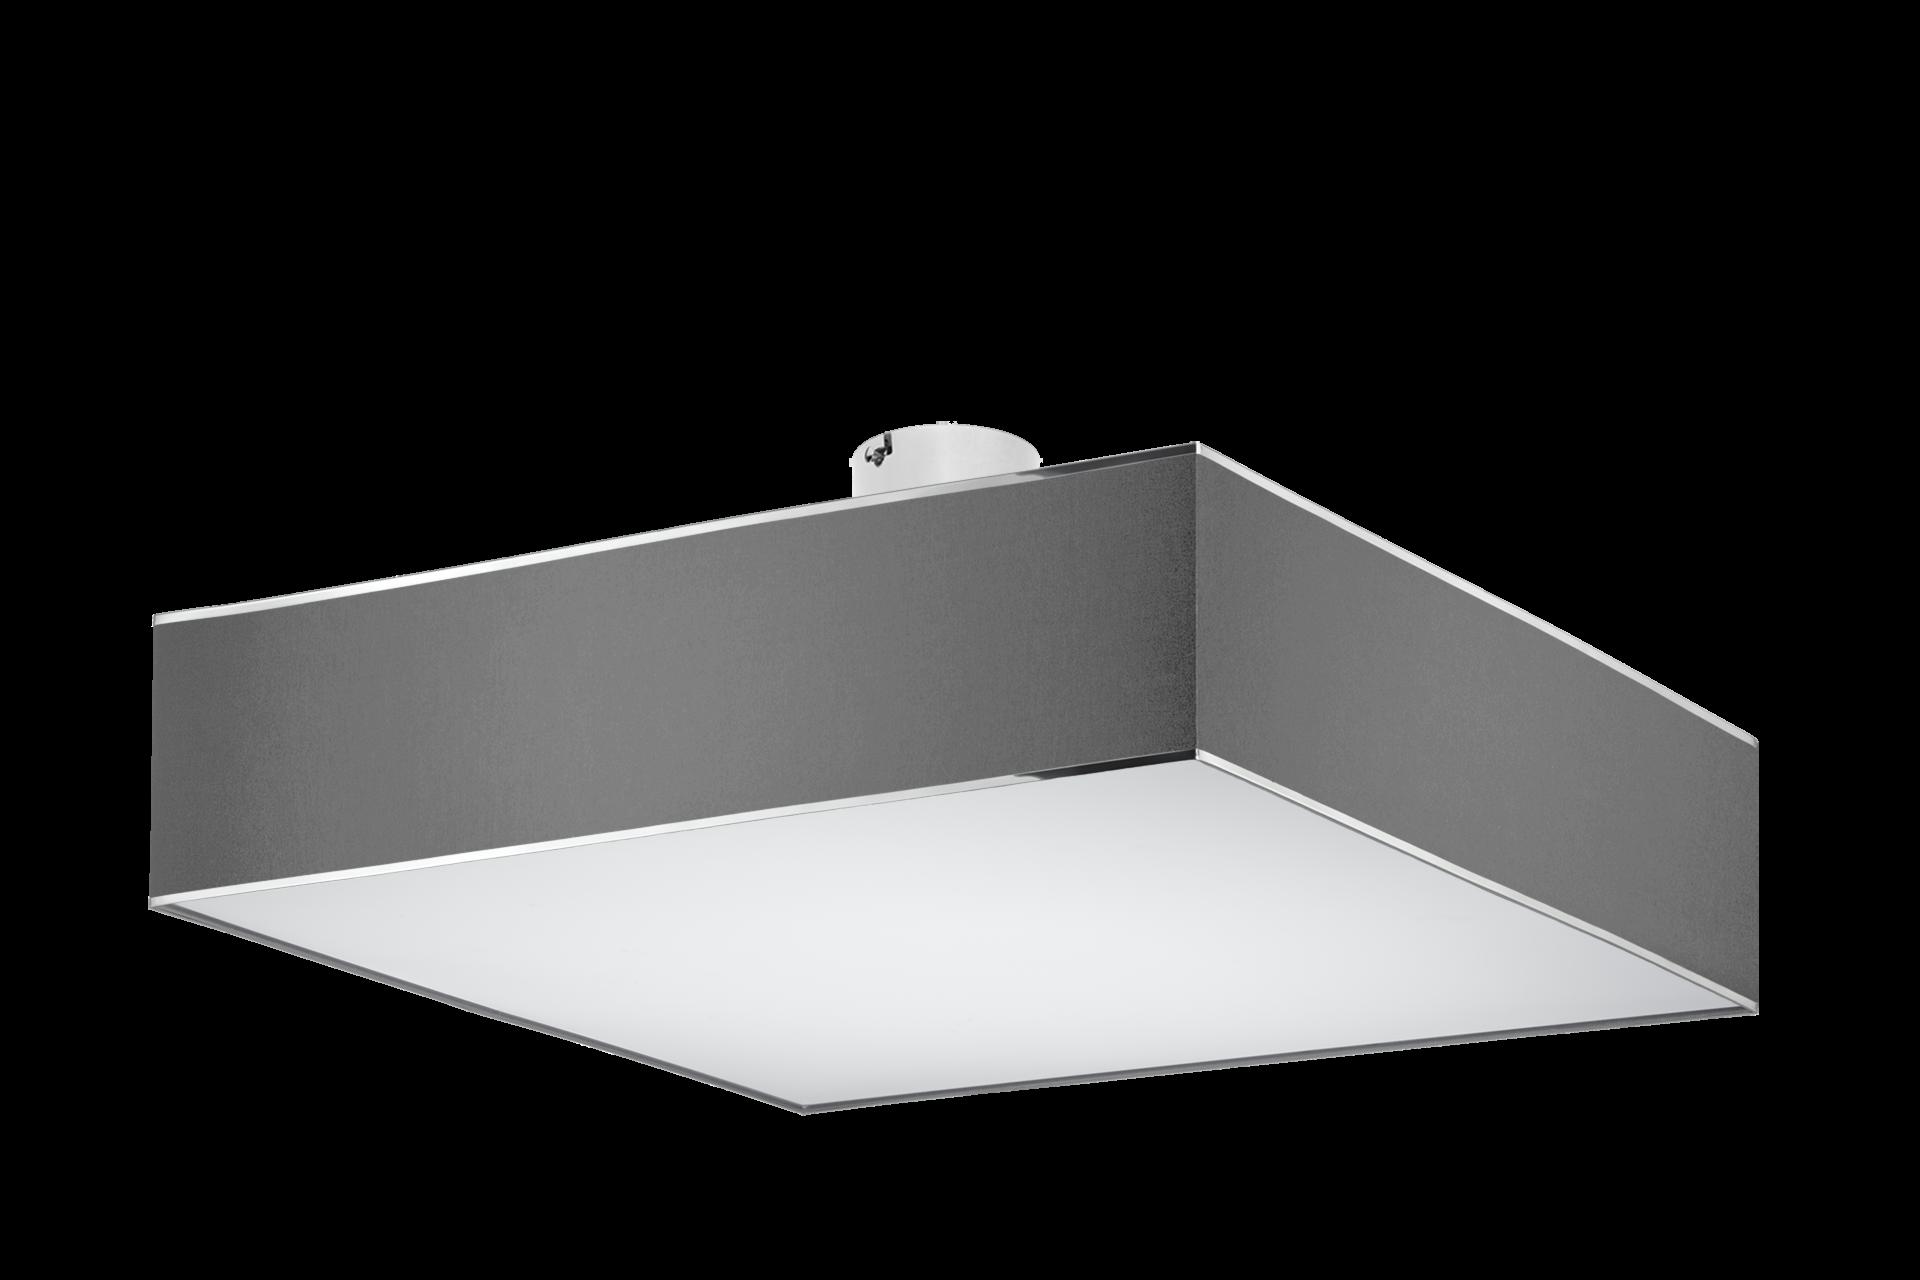 Full Size of Deckenleuchte Flach Modern Grau Qube Stone Deckenleuchten Modernes Sofa Moderne Esstische Tapete Küche Bett Flachdach Fenster Wohnzimmer Bilder Led Wohnzimmer Deckenleuchte Flach Modern